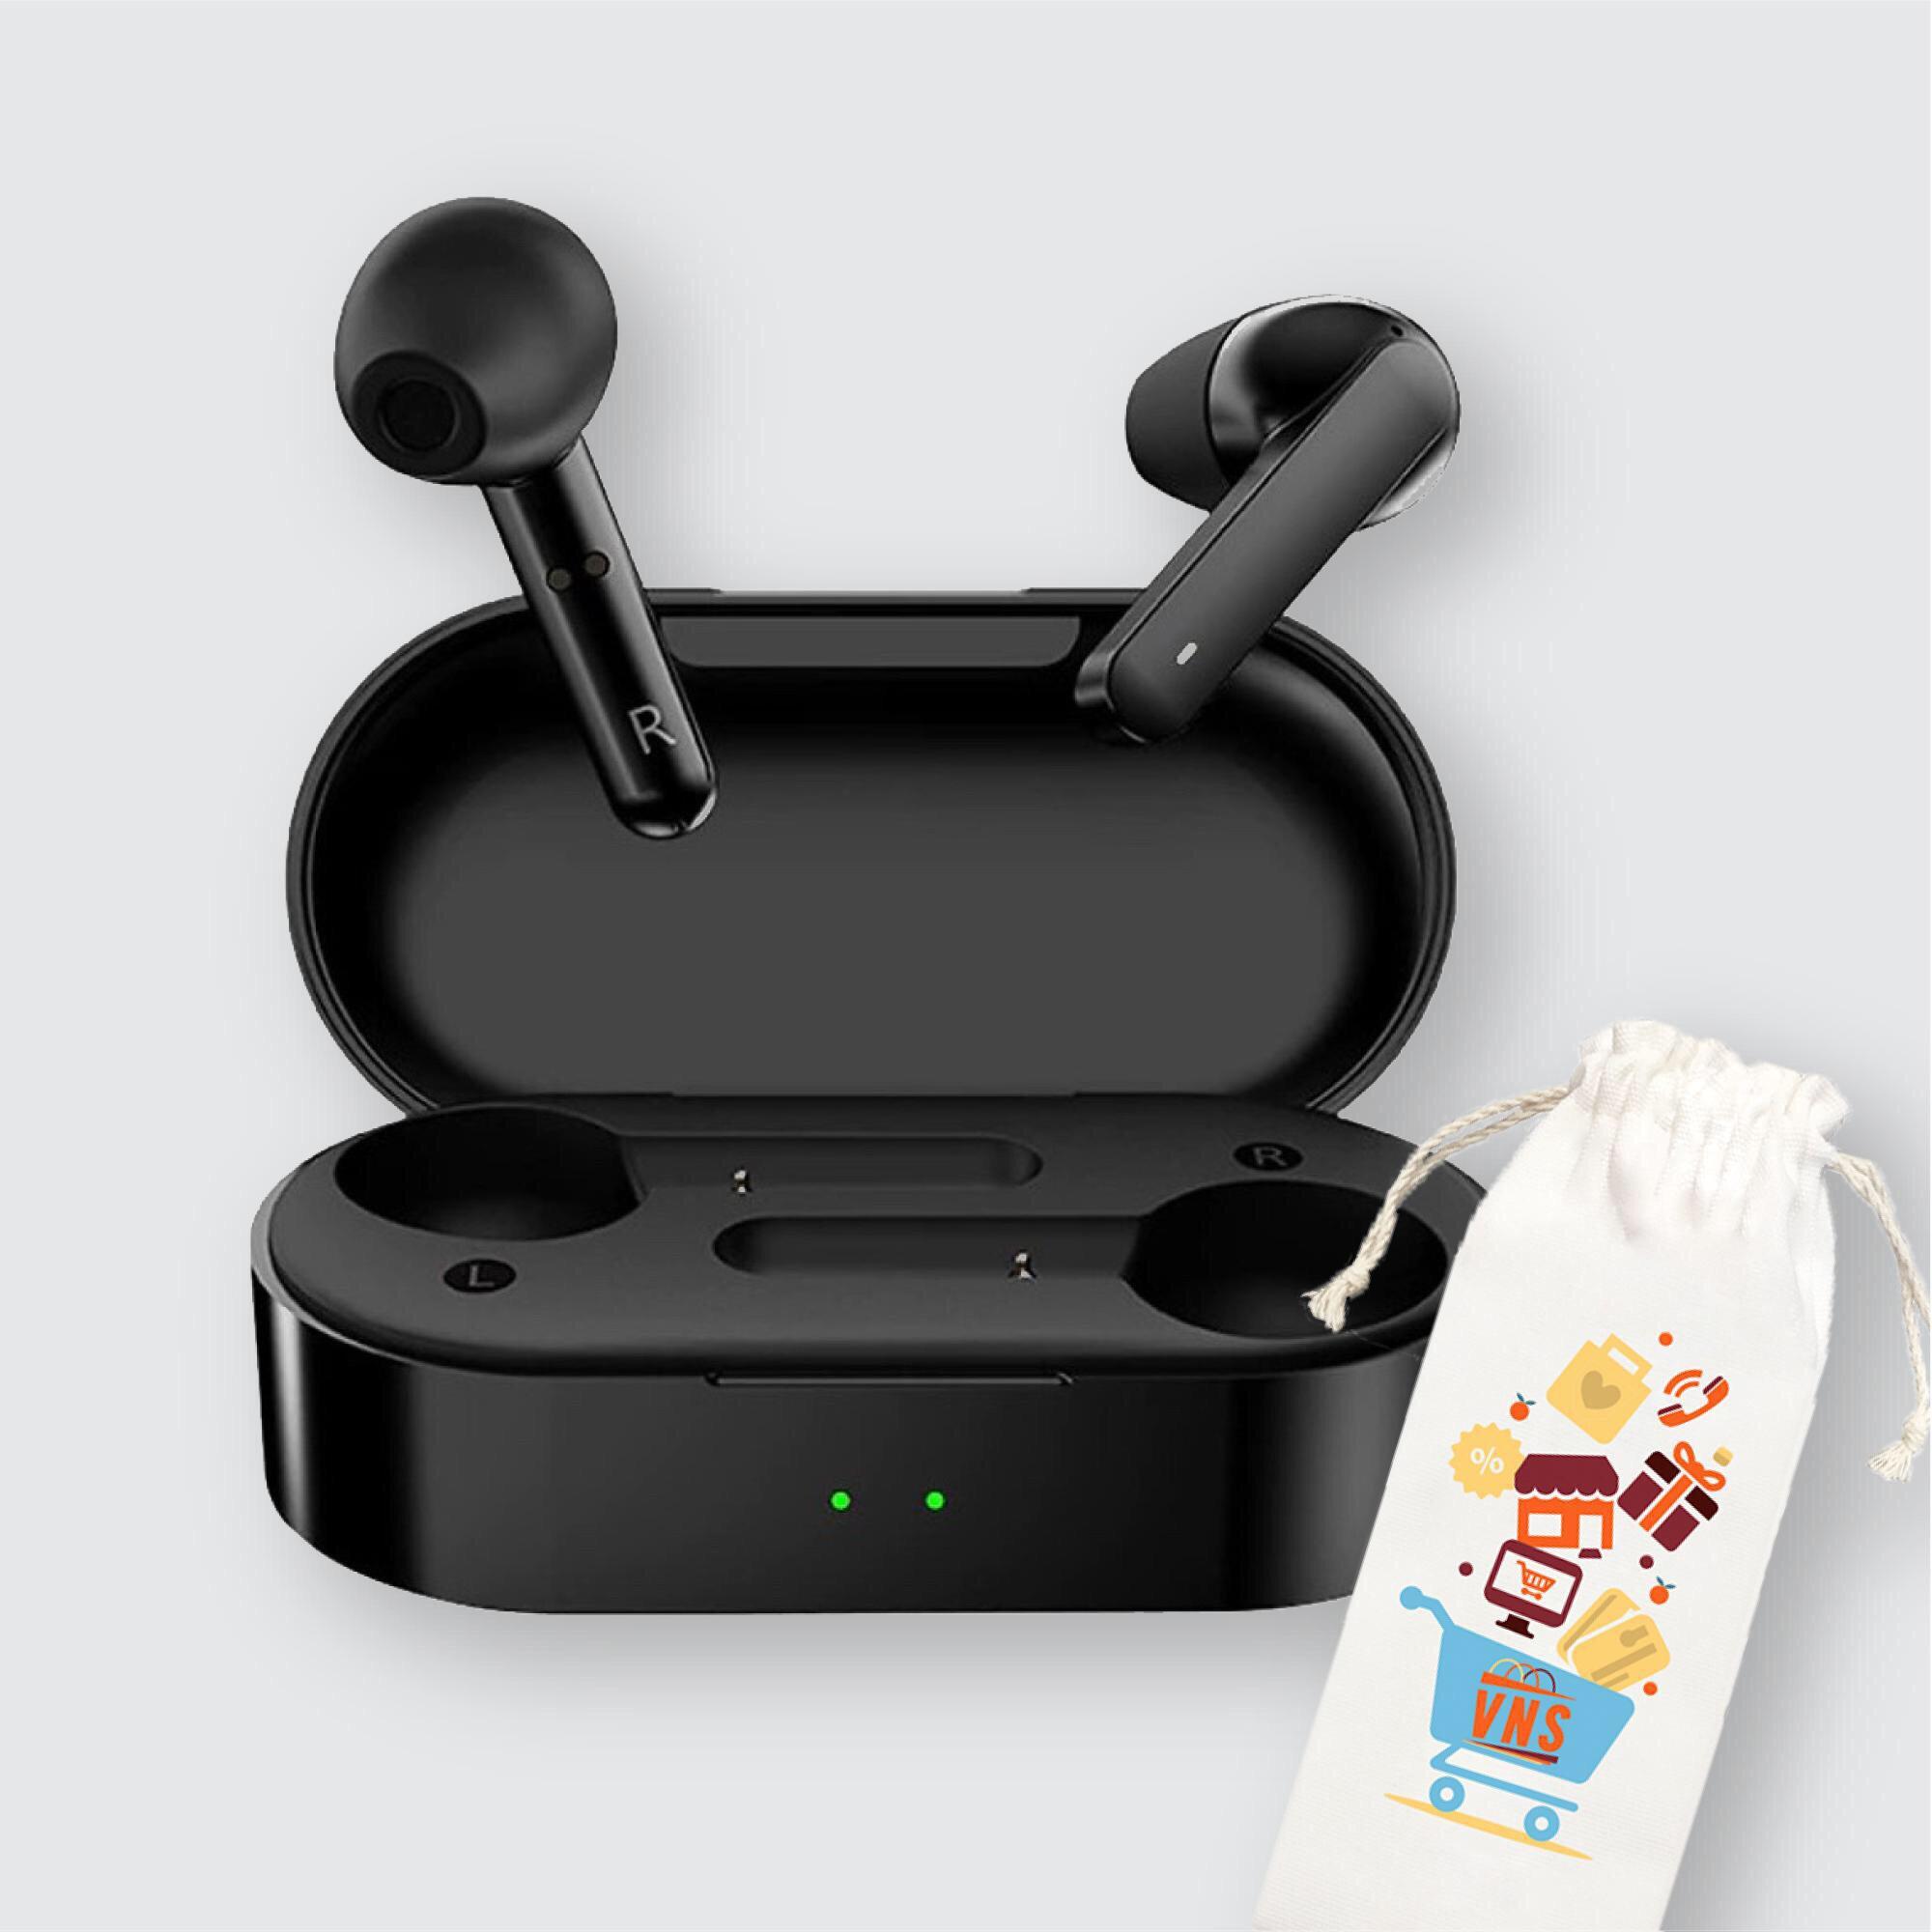 Tai Nghe Bluetooth 5.0 Đàm Thoại Không Dây True Wireless QCY T3 Có Dock Tự Sạc Thế Hệ Mới - Hàng chính hãng